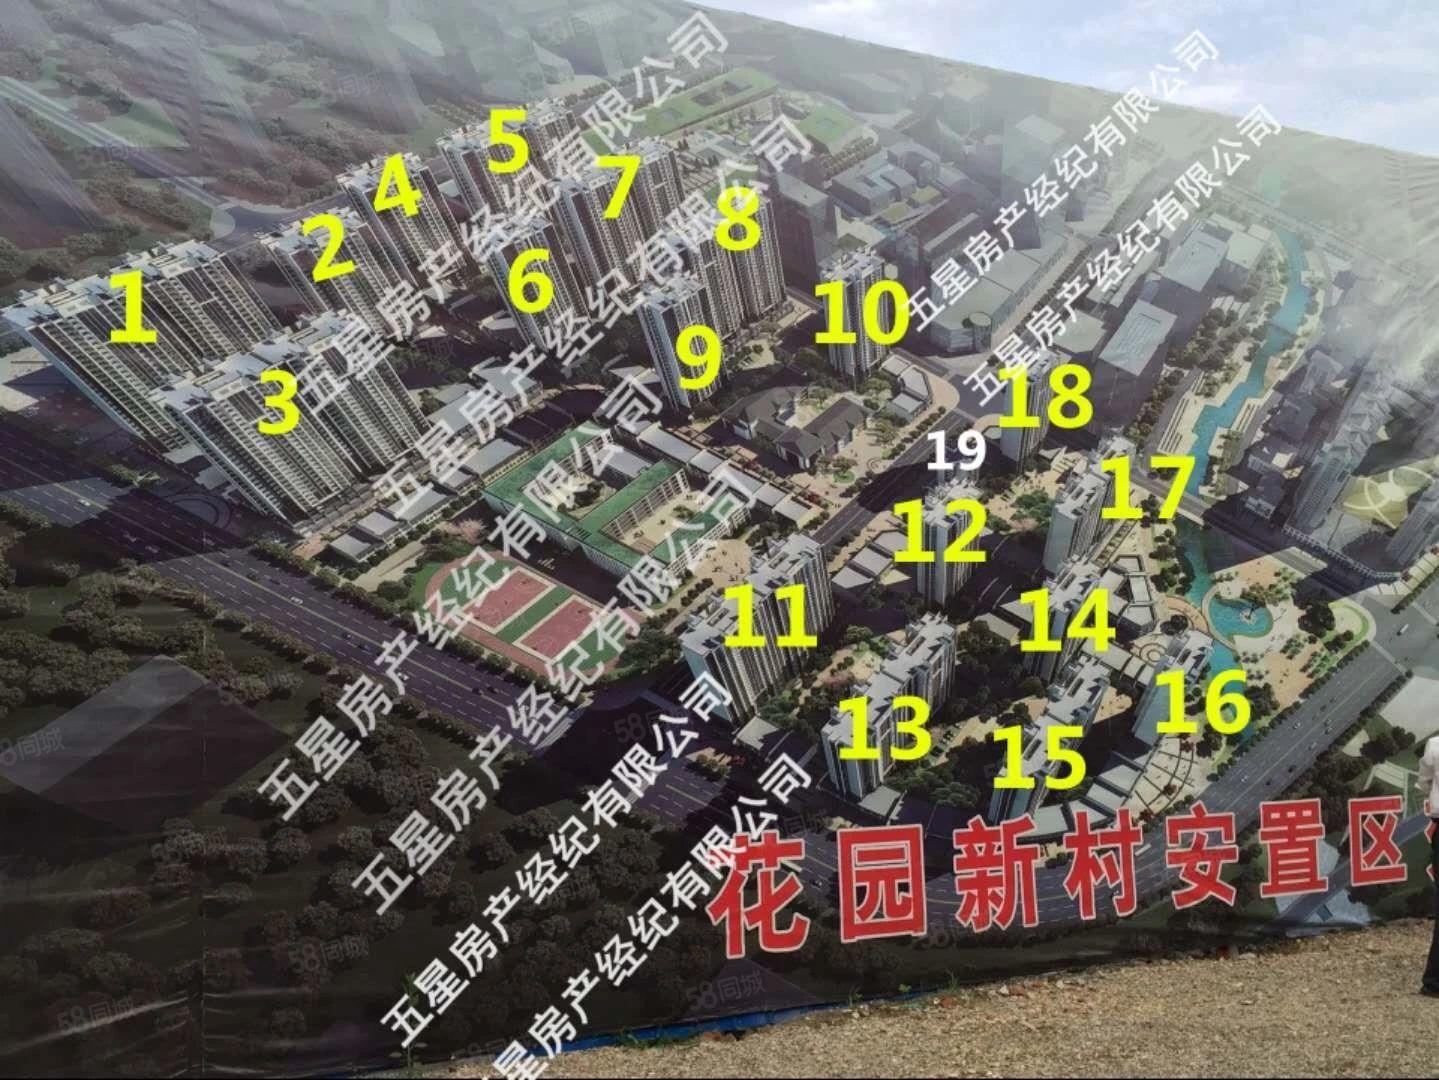 美高梅注册花园新村28楼3室一厅4500一平城市中心南北通透